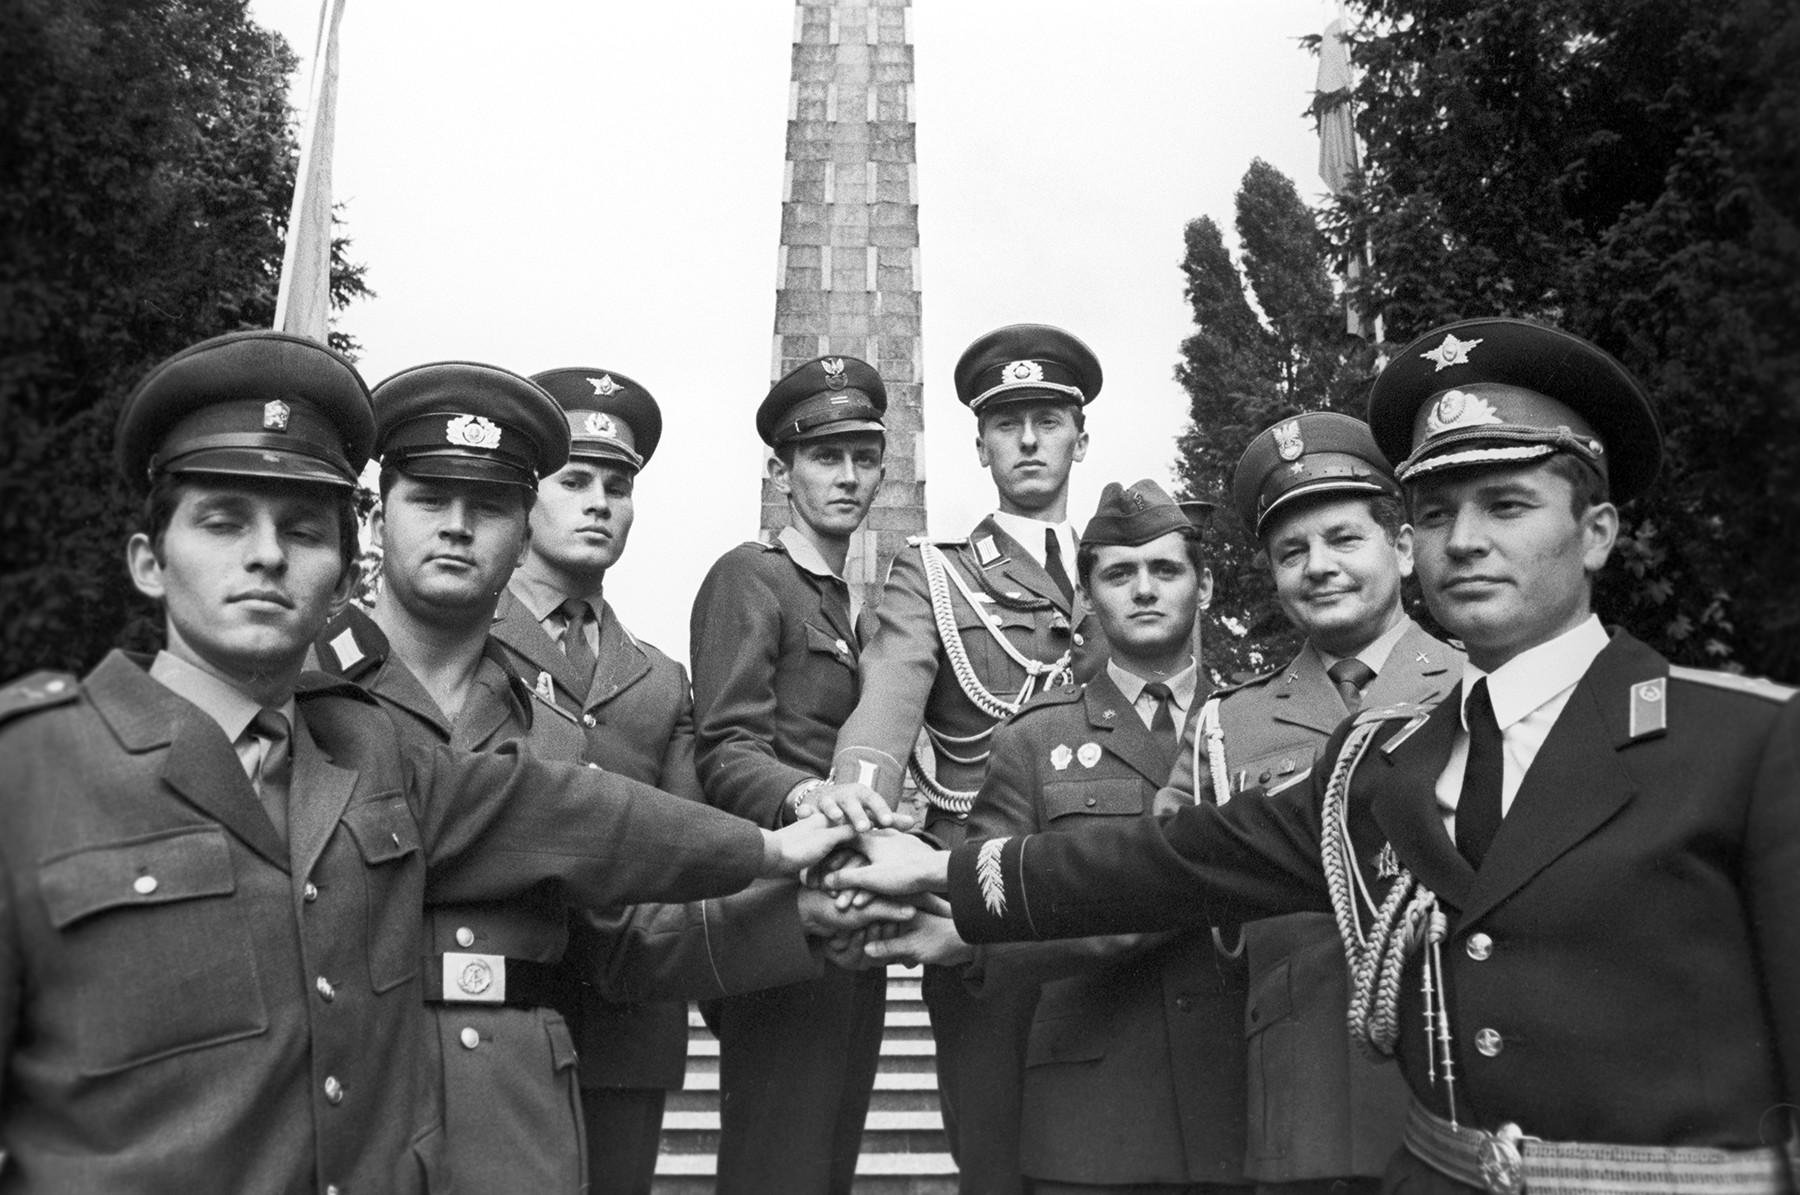 Vojaki držav Varšavskega pakta med vajami Ščit-79, maj 1979